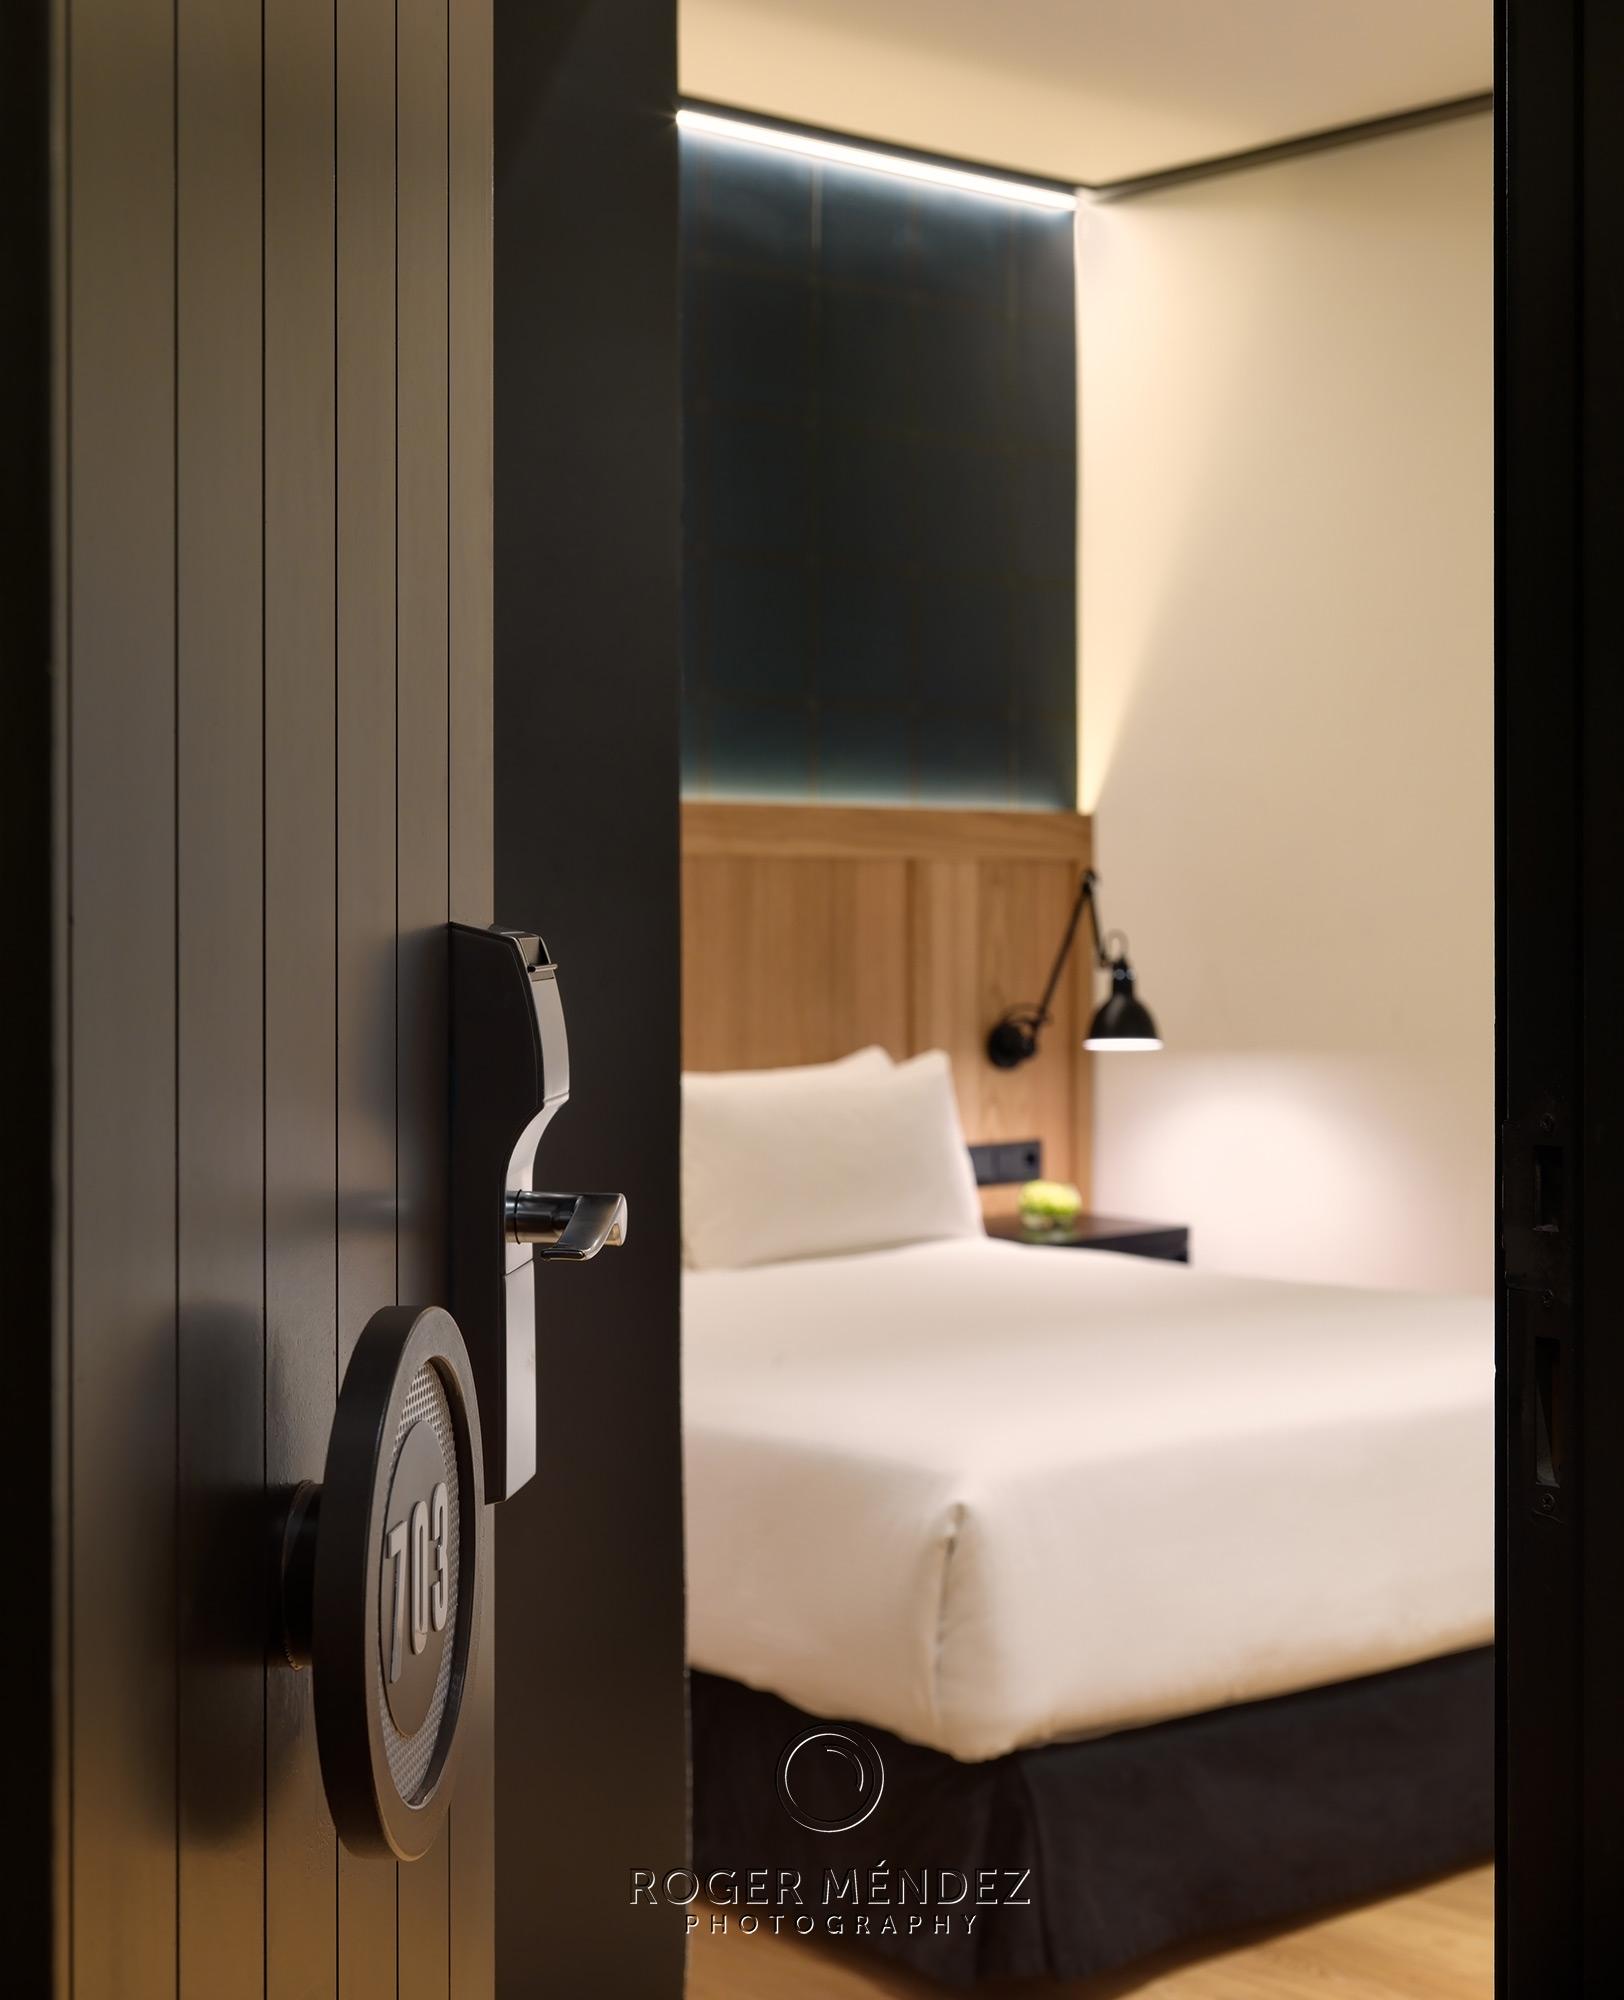 Detalle fotografía de habitación del hotel H10 Puerta de Alcalá